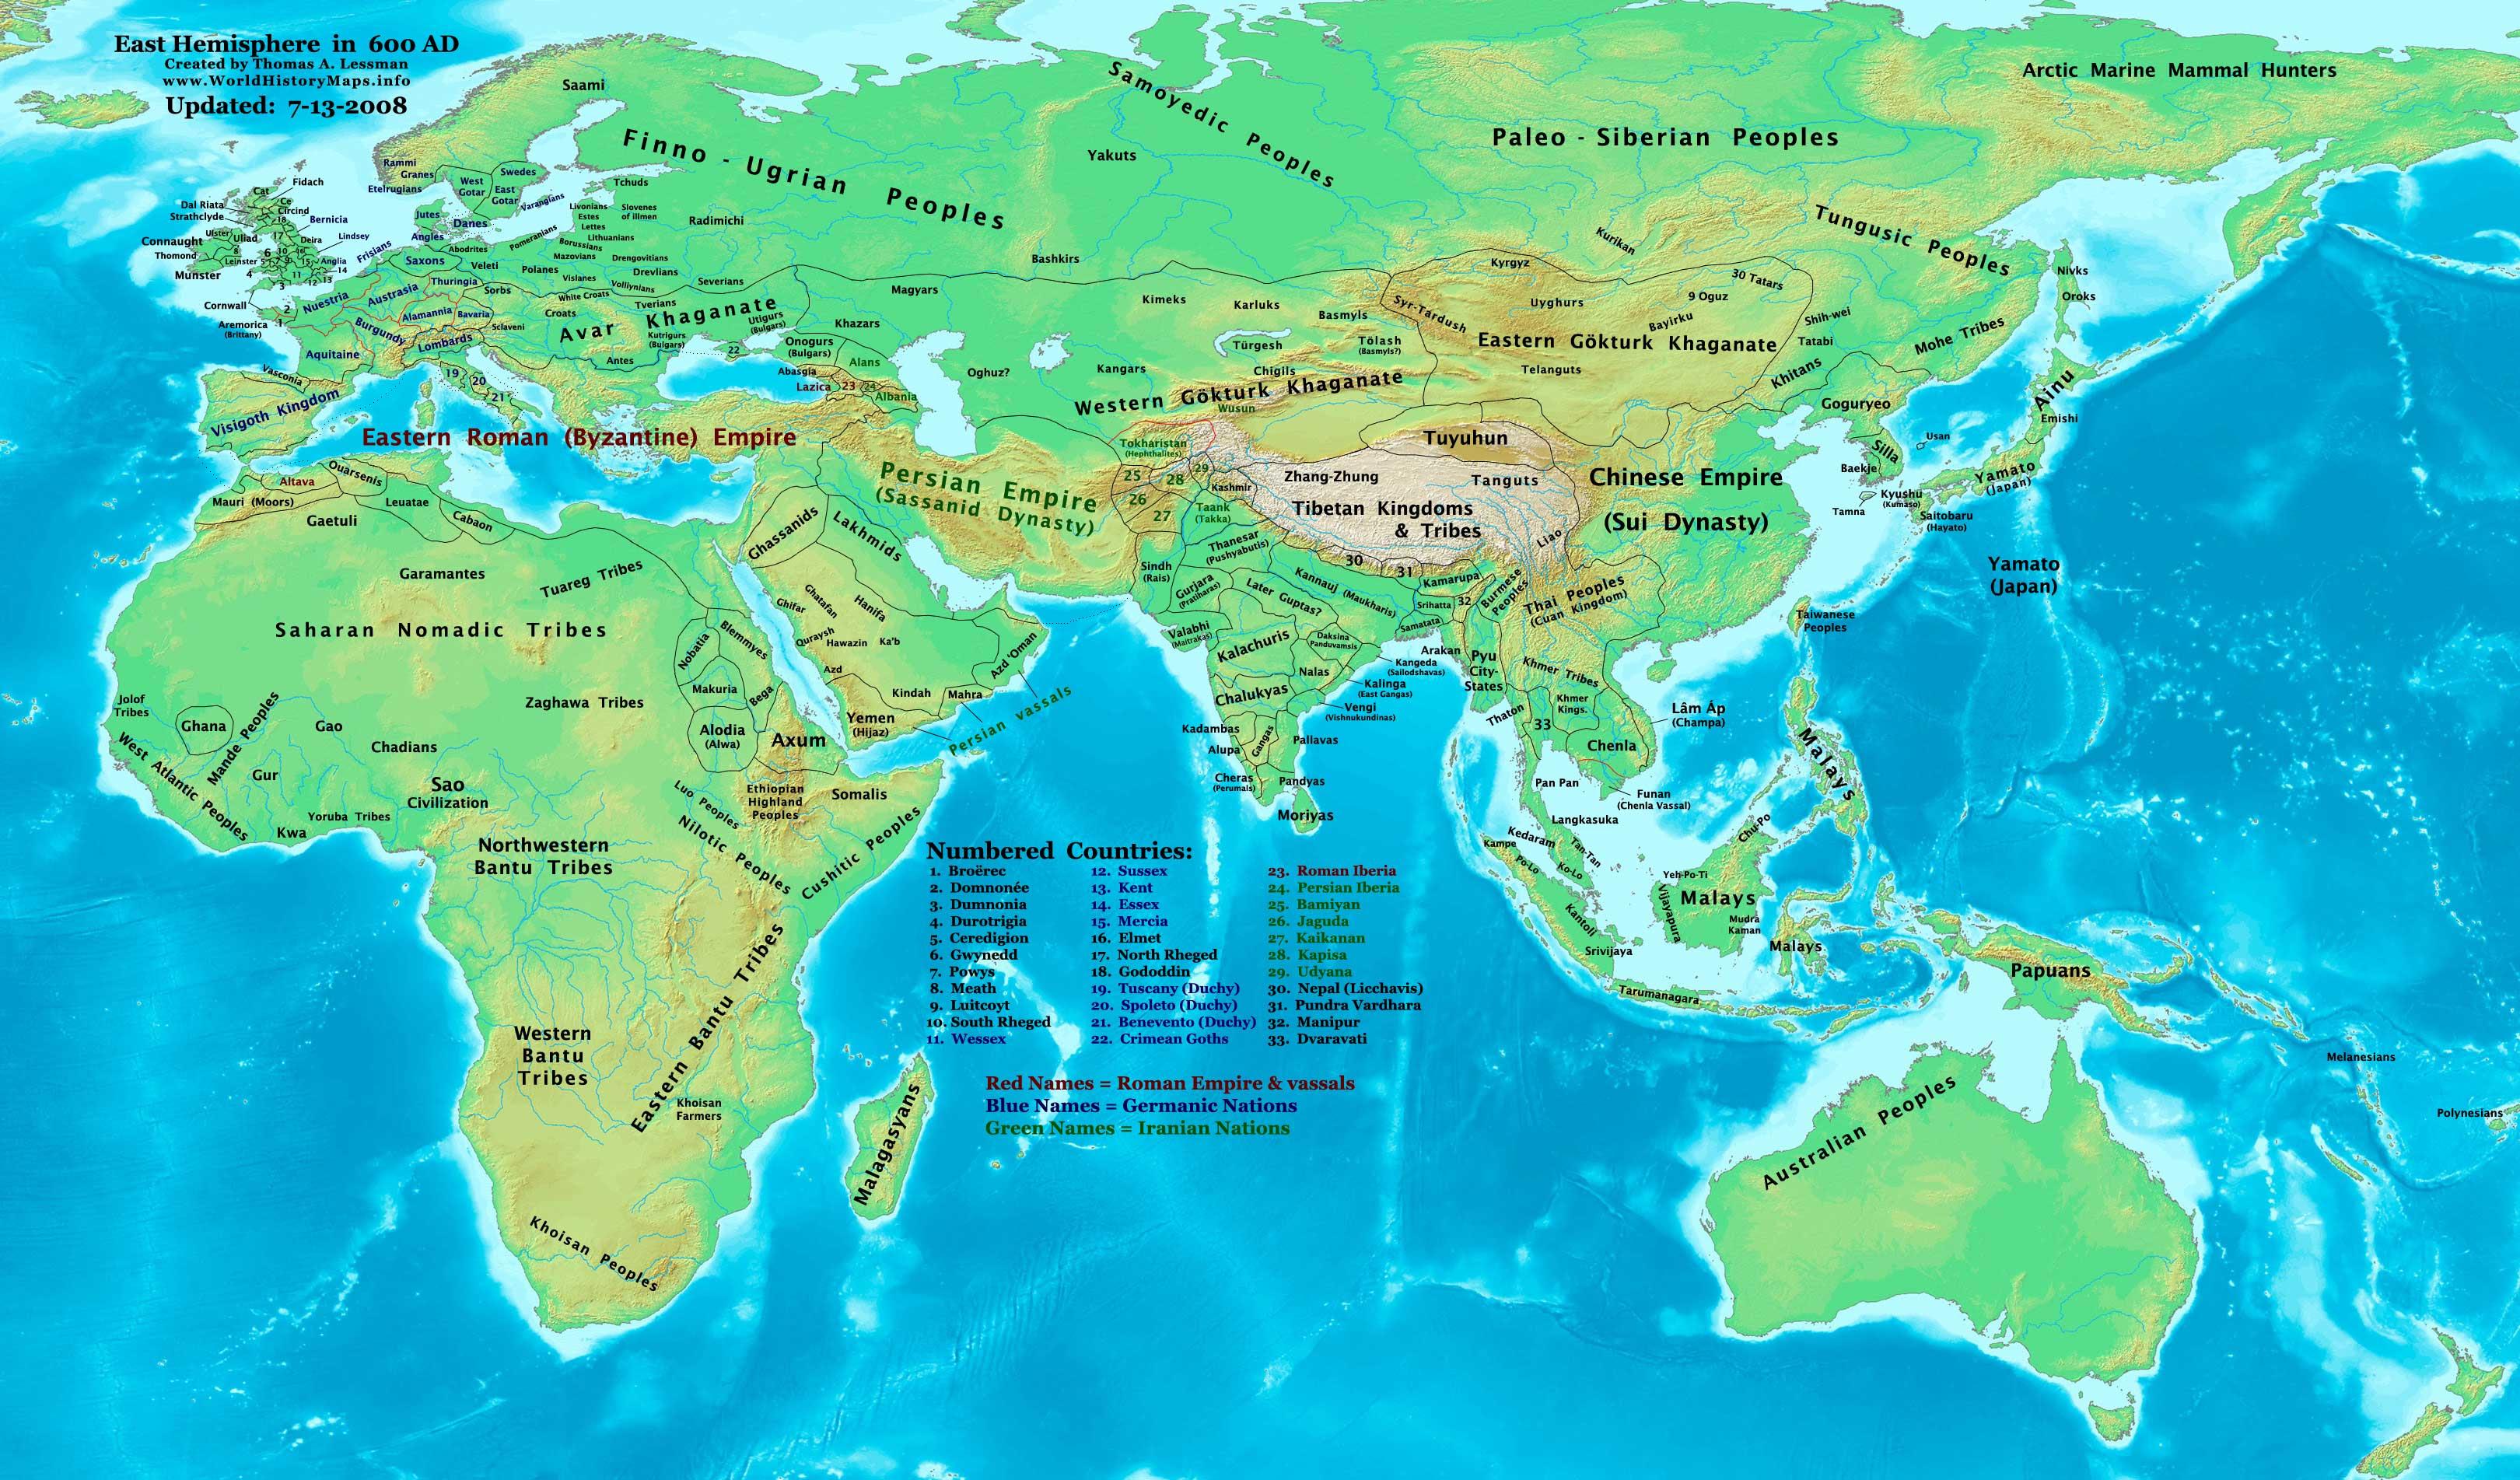 http://worldhistorymaps.info/images/East-Hem_600ad.jpg